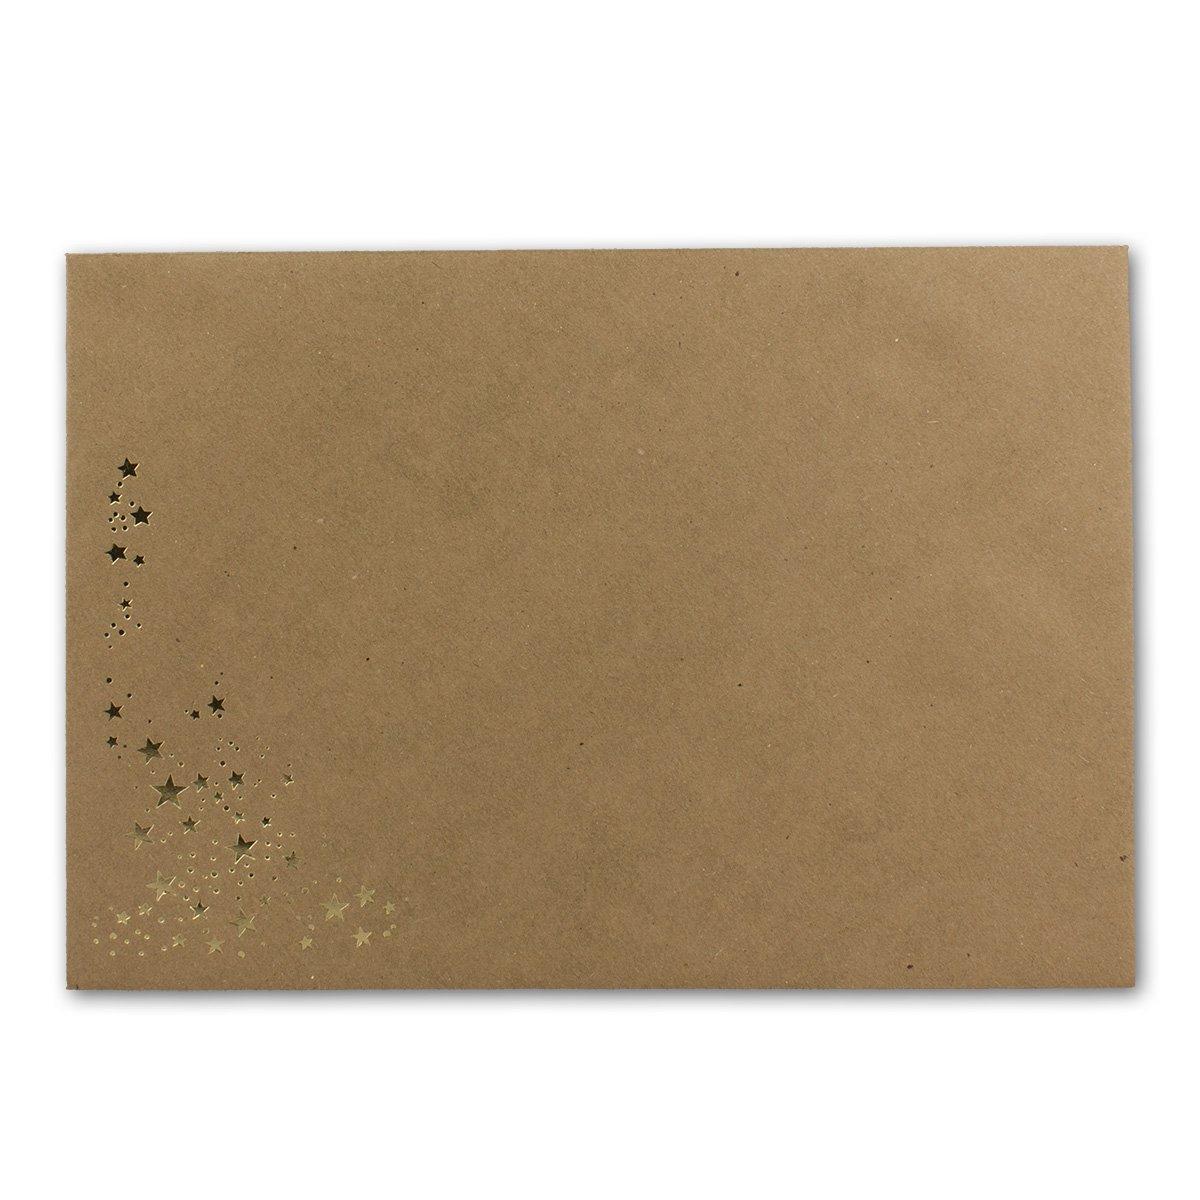 500x Weihnachts-Briefumschläge   DIN C5     mit Gold-Metallic geprägtem Sternenregen, festlich matter Umschlag in Sandbraun   Nassklebung, 120 g m²   157 x 225 mm   Marke  GUSTAV NEUSER® B07CKW2FWQ | Mittlere Kosten  | Guter Markt  | Gr a06138